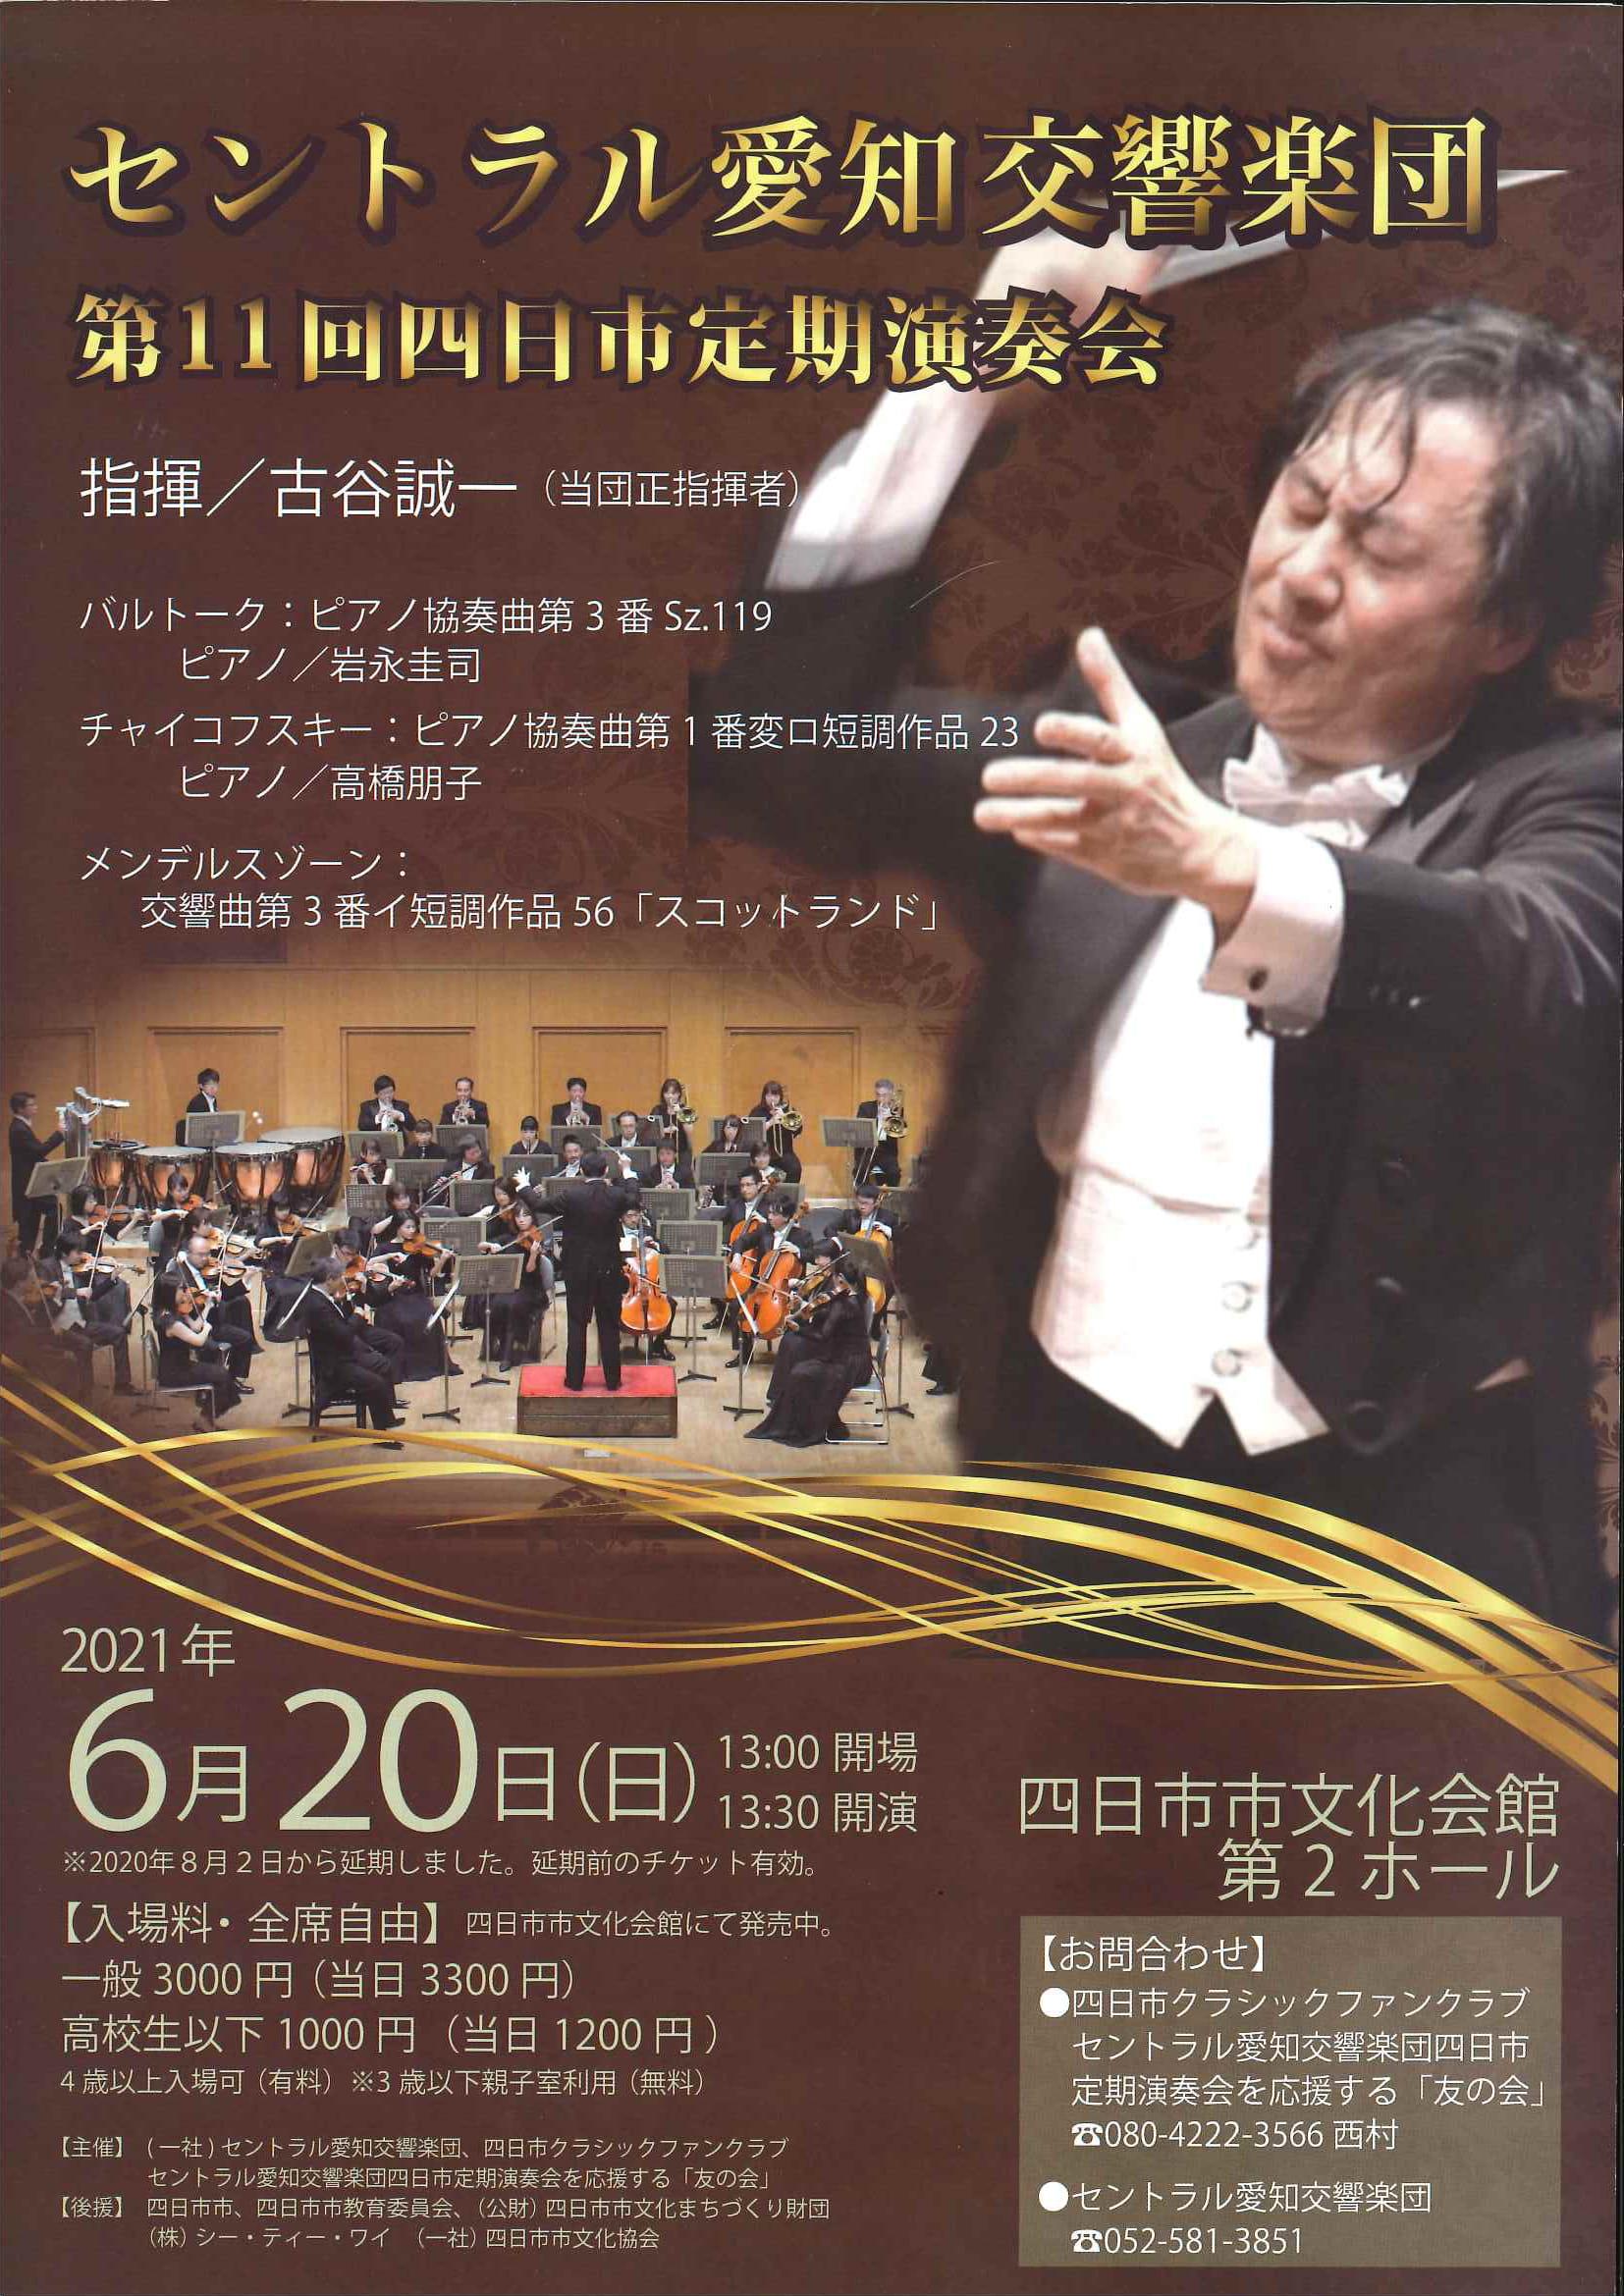 セントラル愛知交響楽団第11回四日市定期演奏会